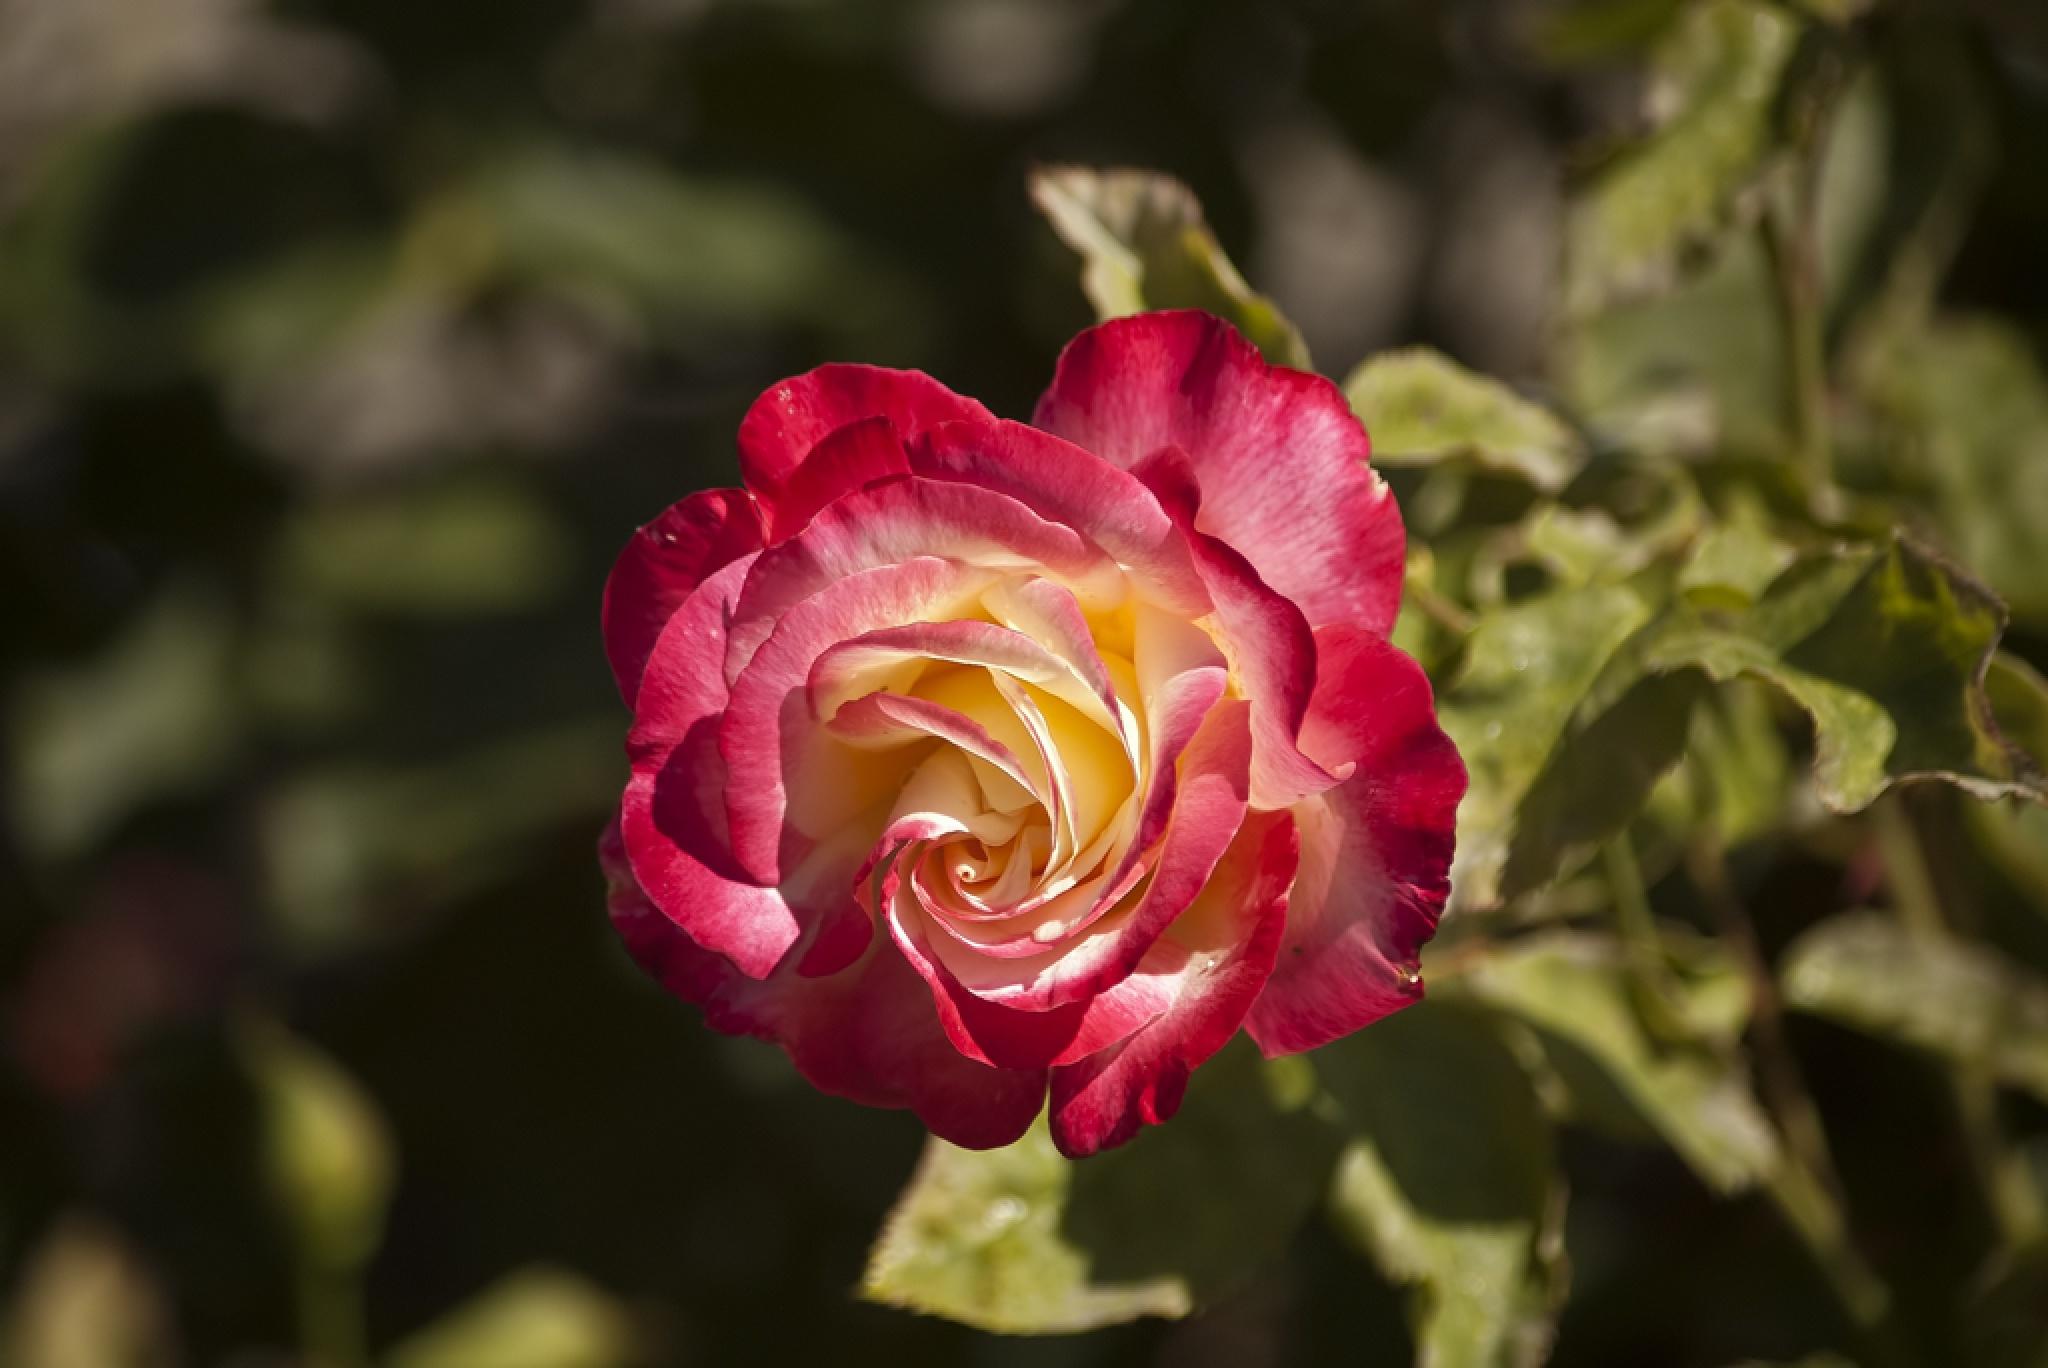 Rose by Selmik